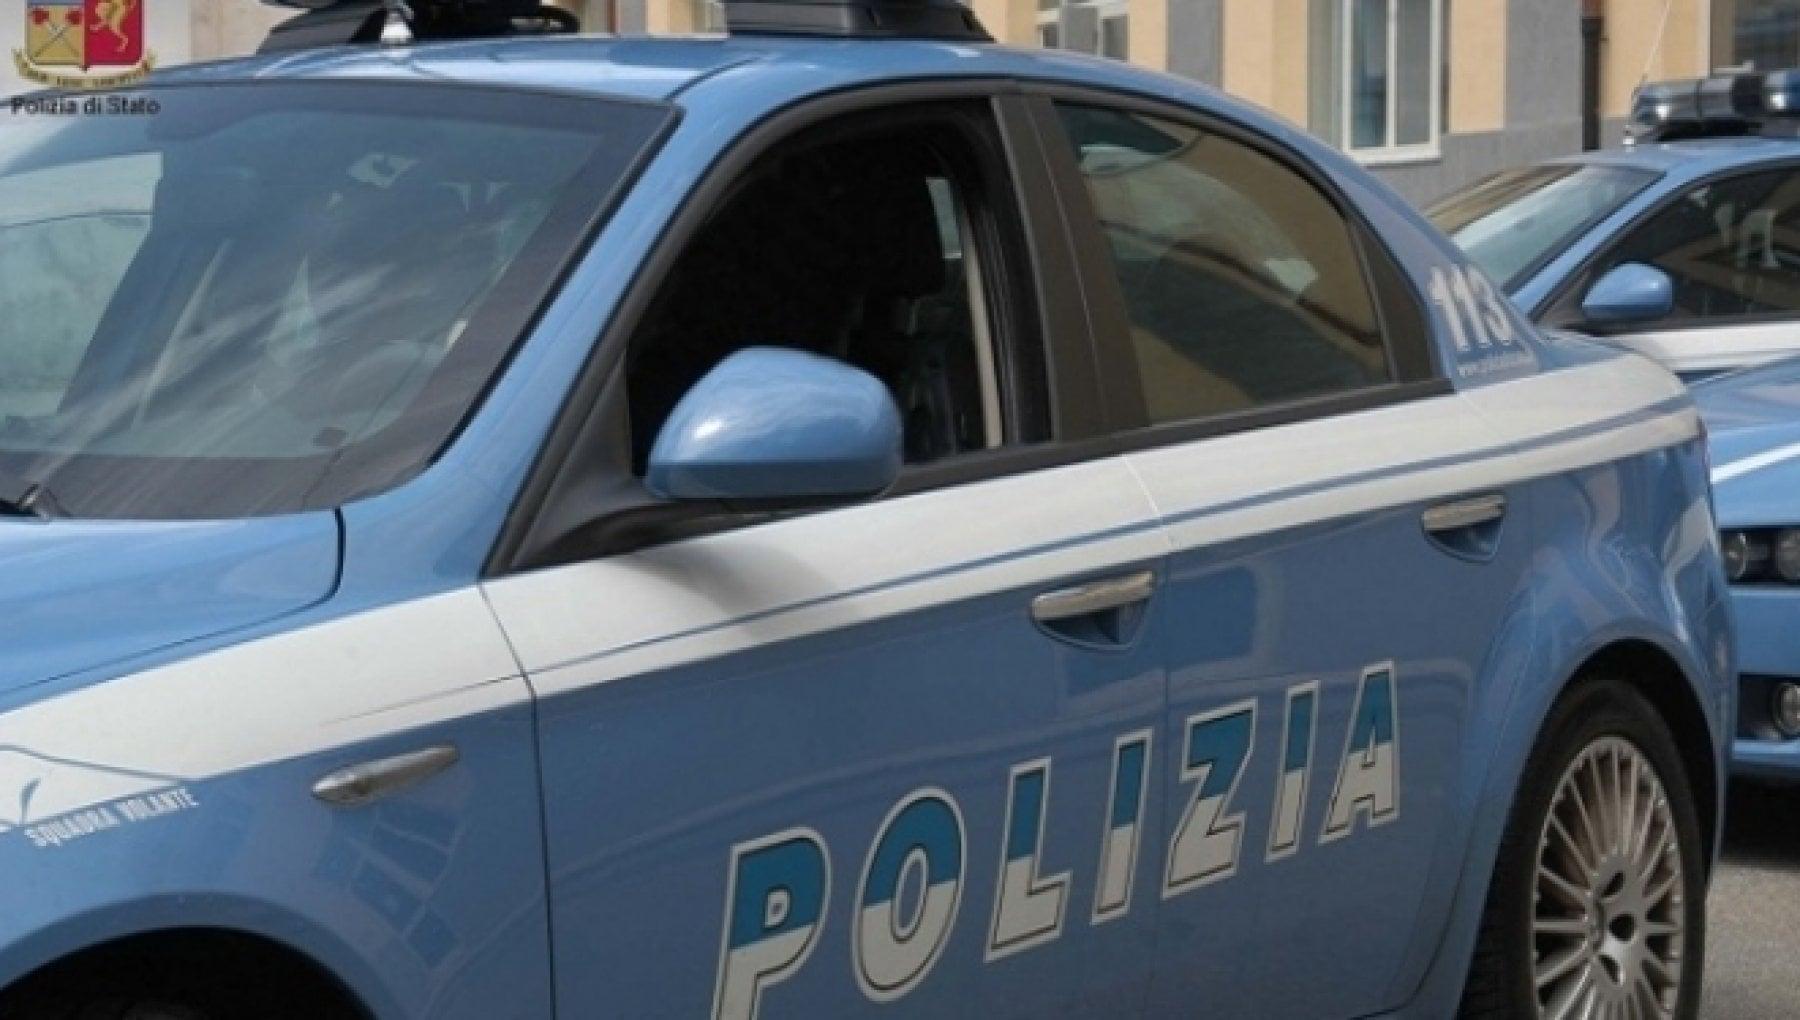 Roma, vuole entrare al supermarket senza mascherina e spara al vigilante